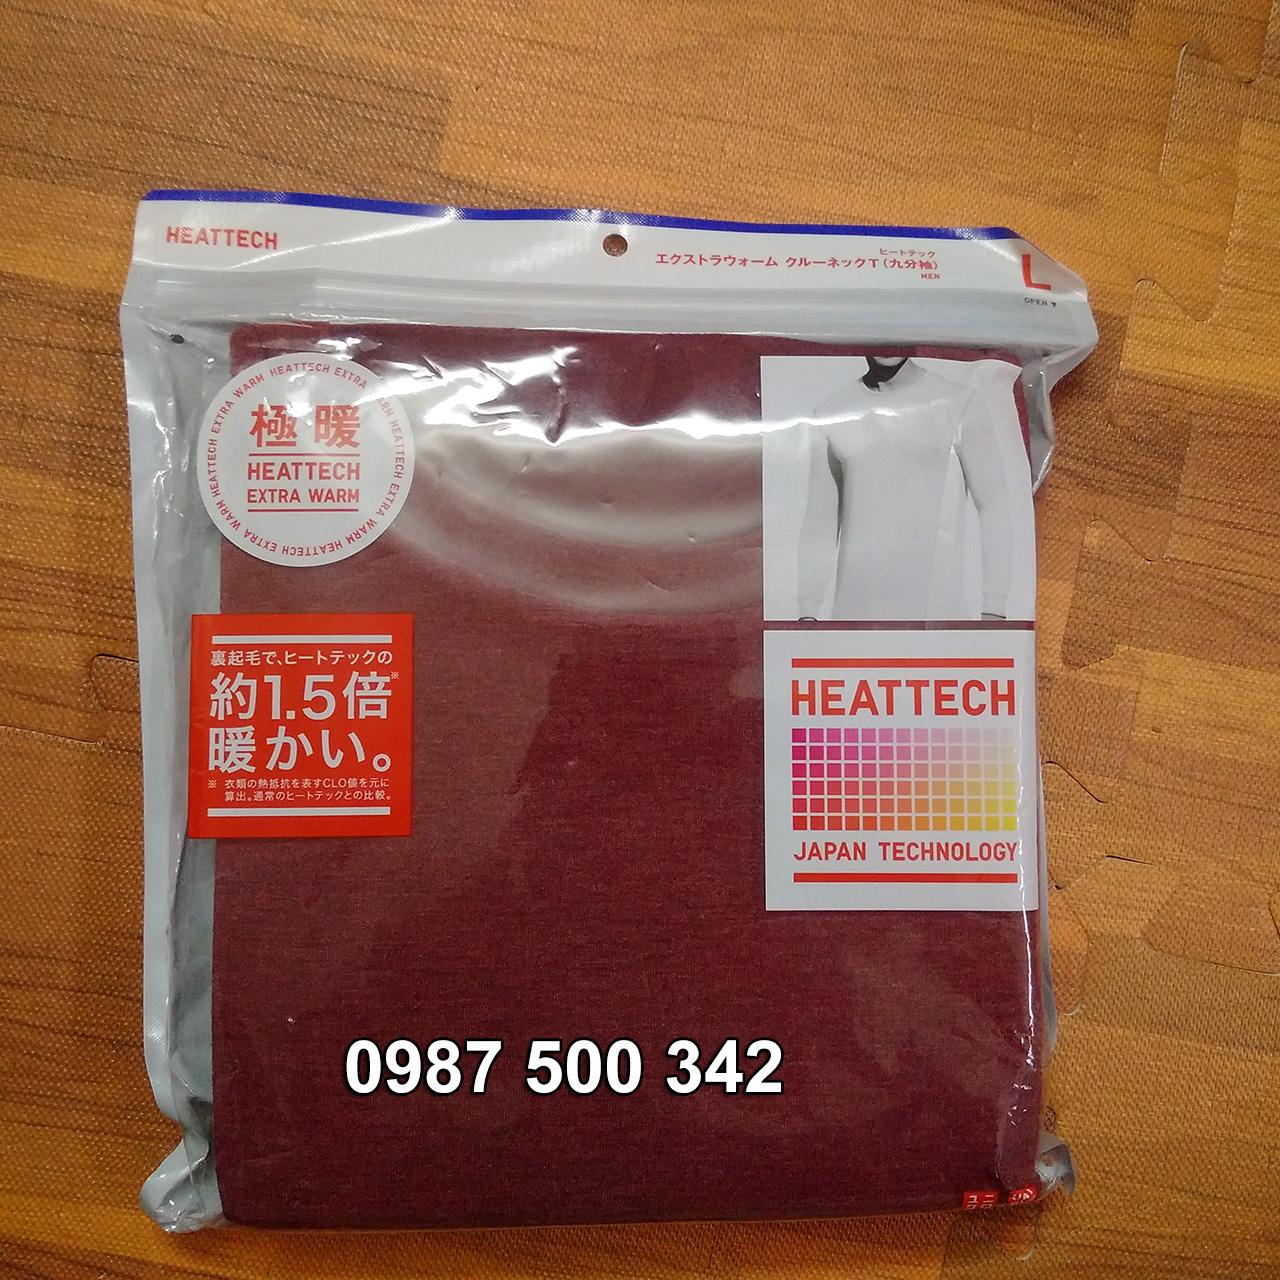 Ảnh thật áo giữ nhiệt nam cổ tròn Heattech Extra Warm màu đỏ 17 RED